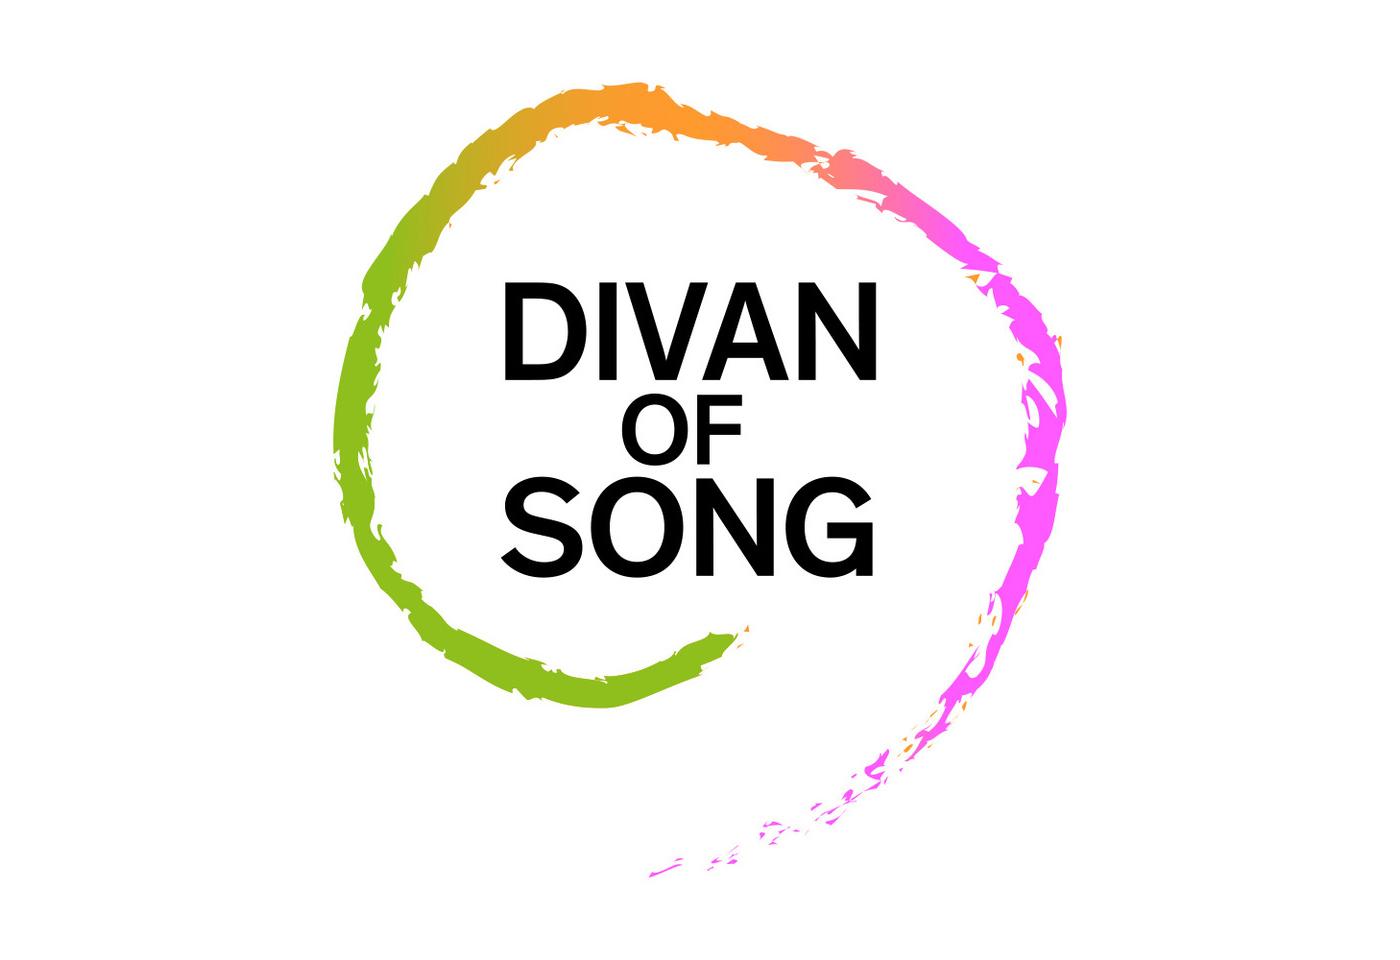 Divan of song